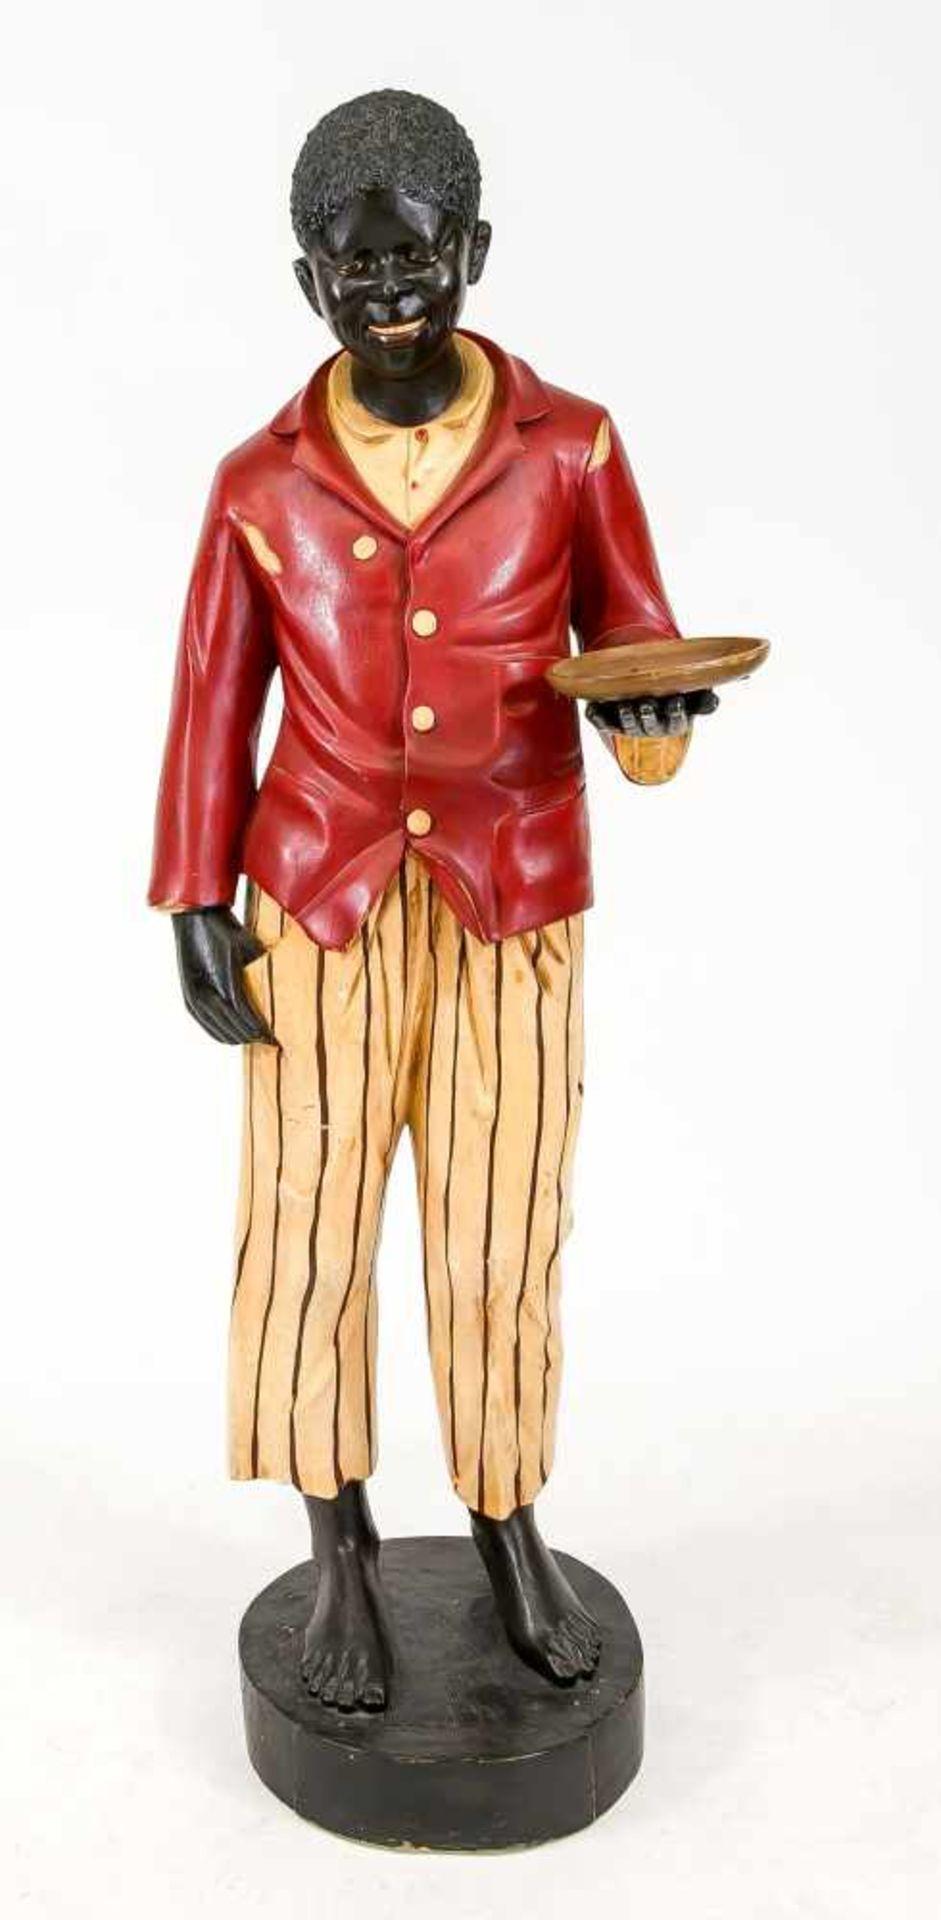 Stiller Diener/Butler, 1. H. 20. Jh., polychrom staffierte Holzfigur auf rundem Postament.